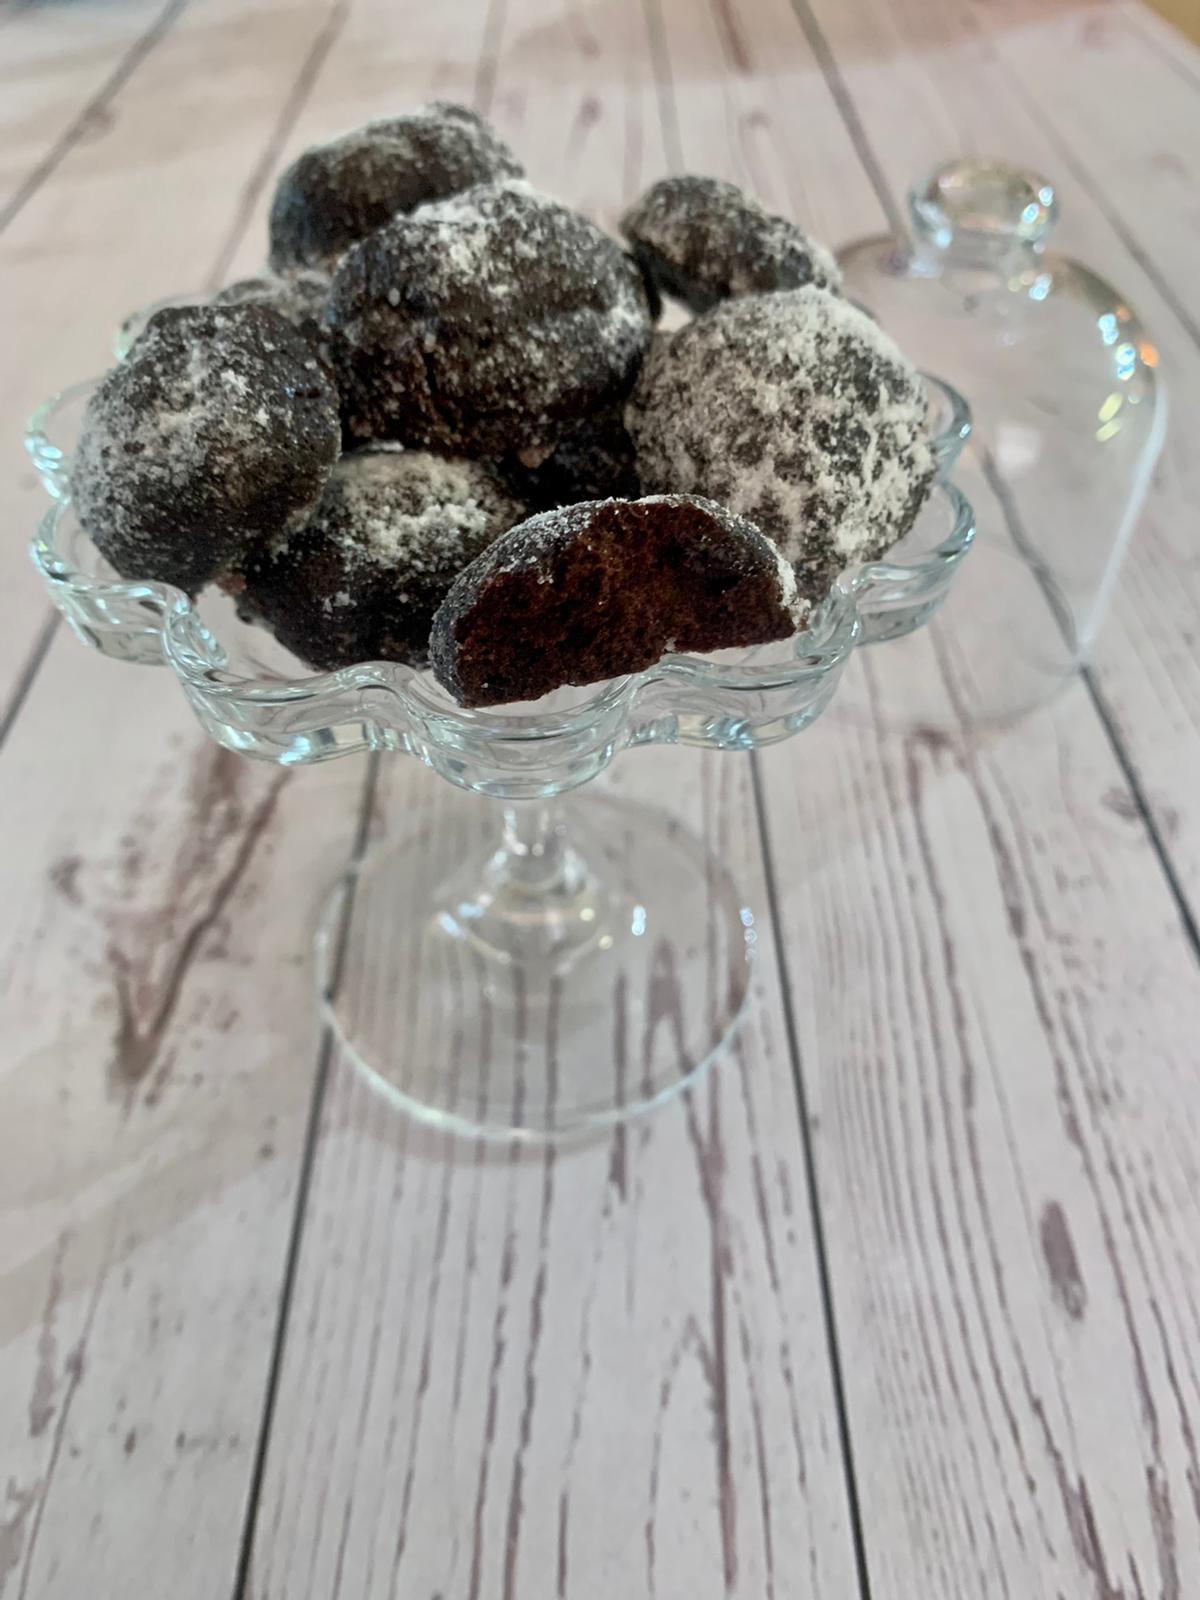 עוגיות ללא סוכר דיאטטיות